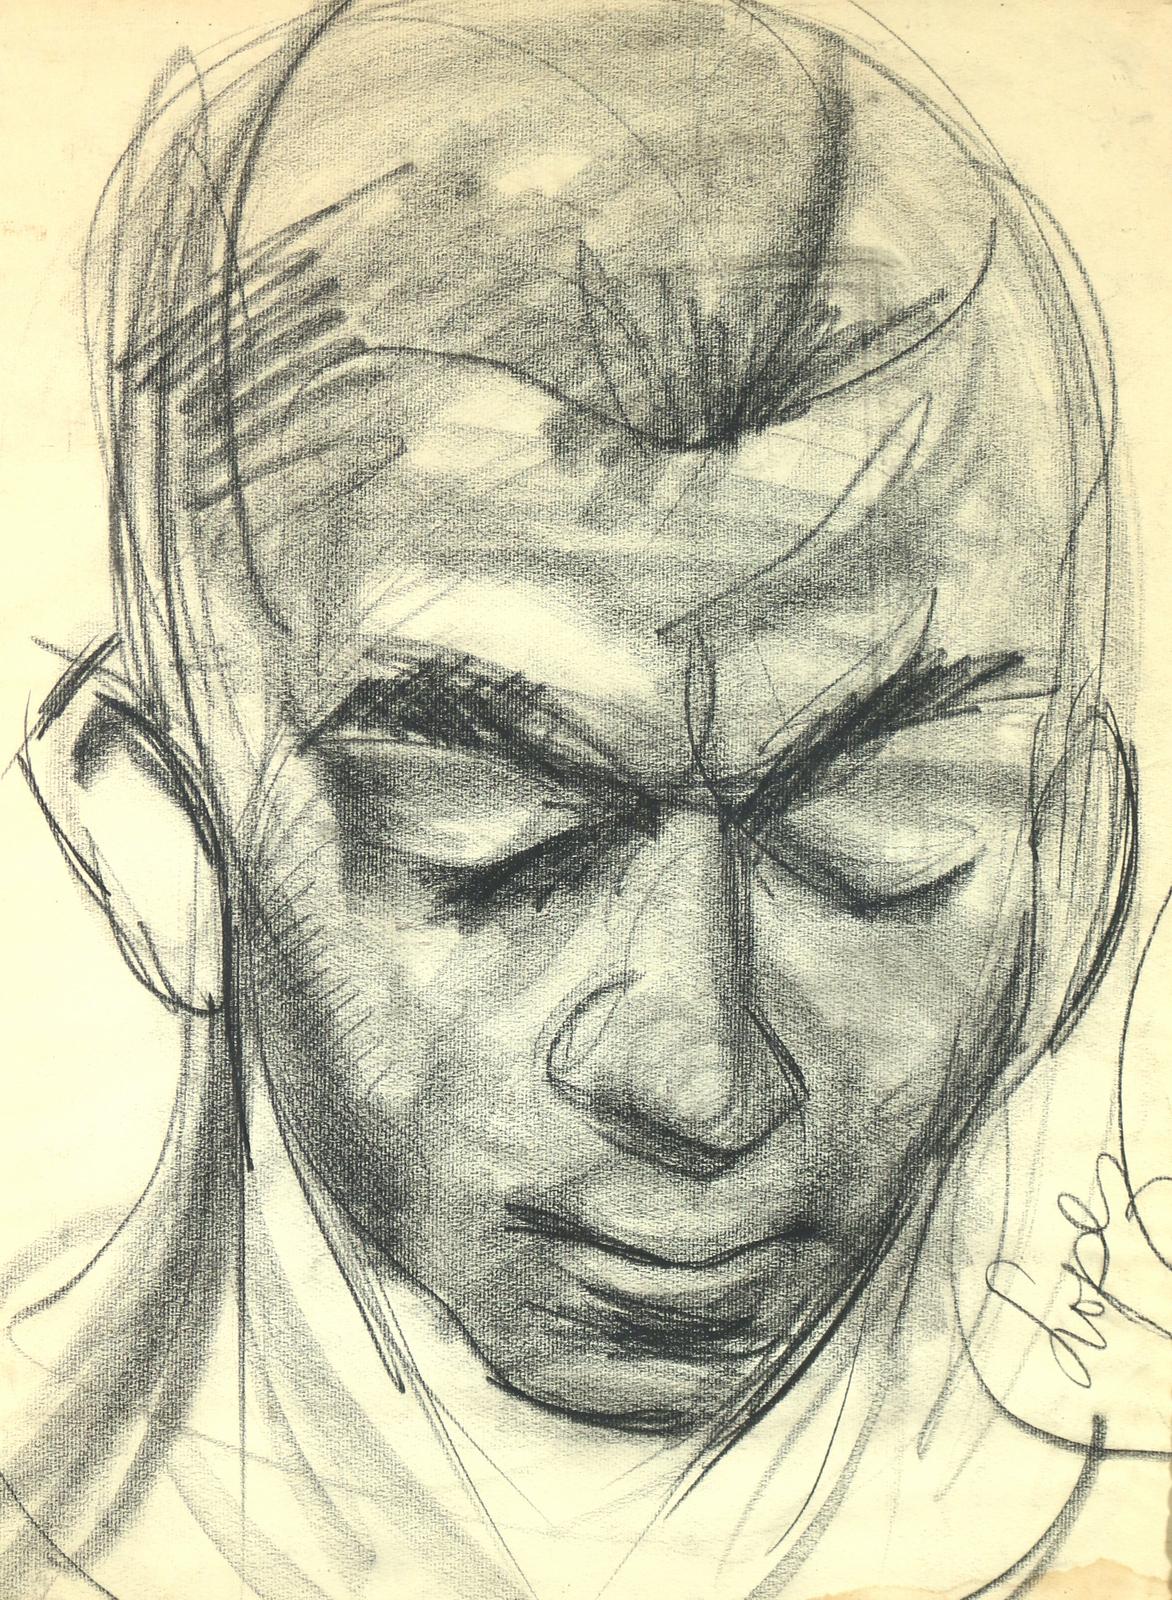 ANTONIO LOPEZ (1943-1987)